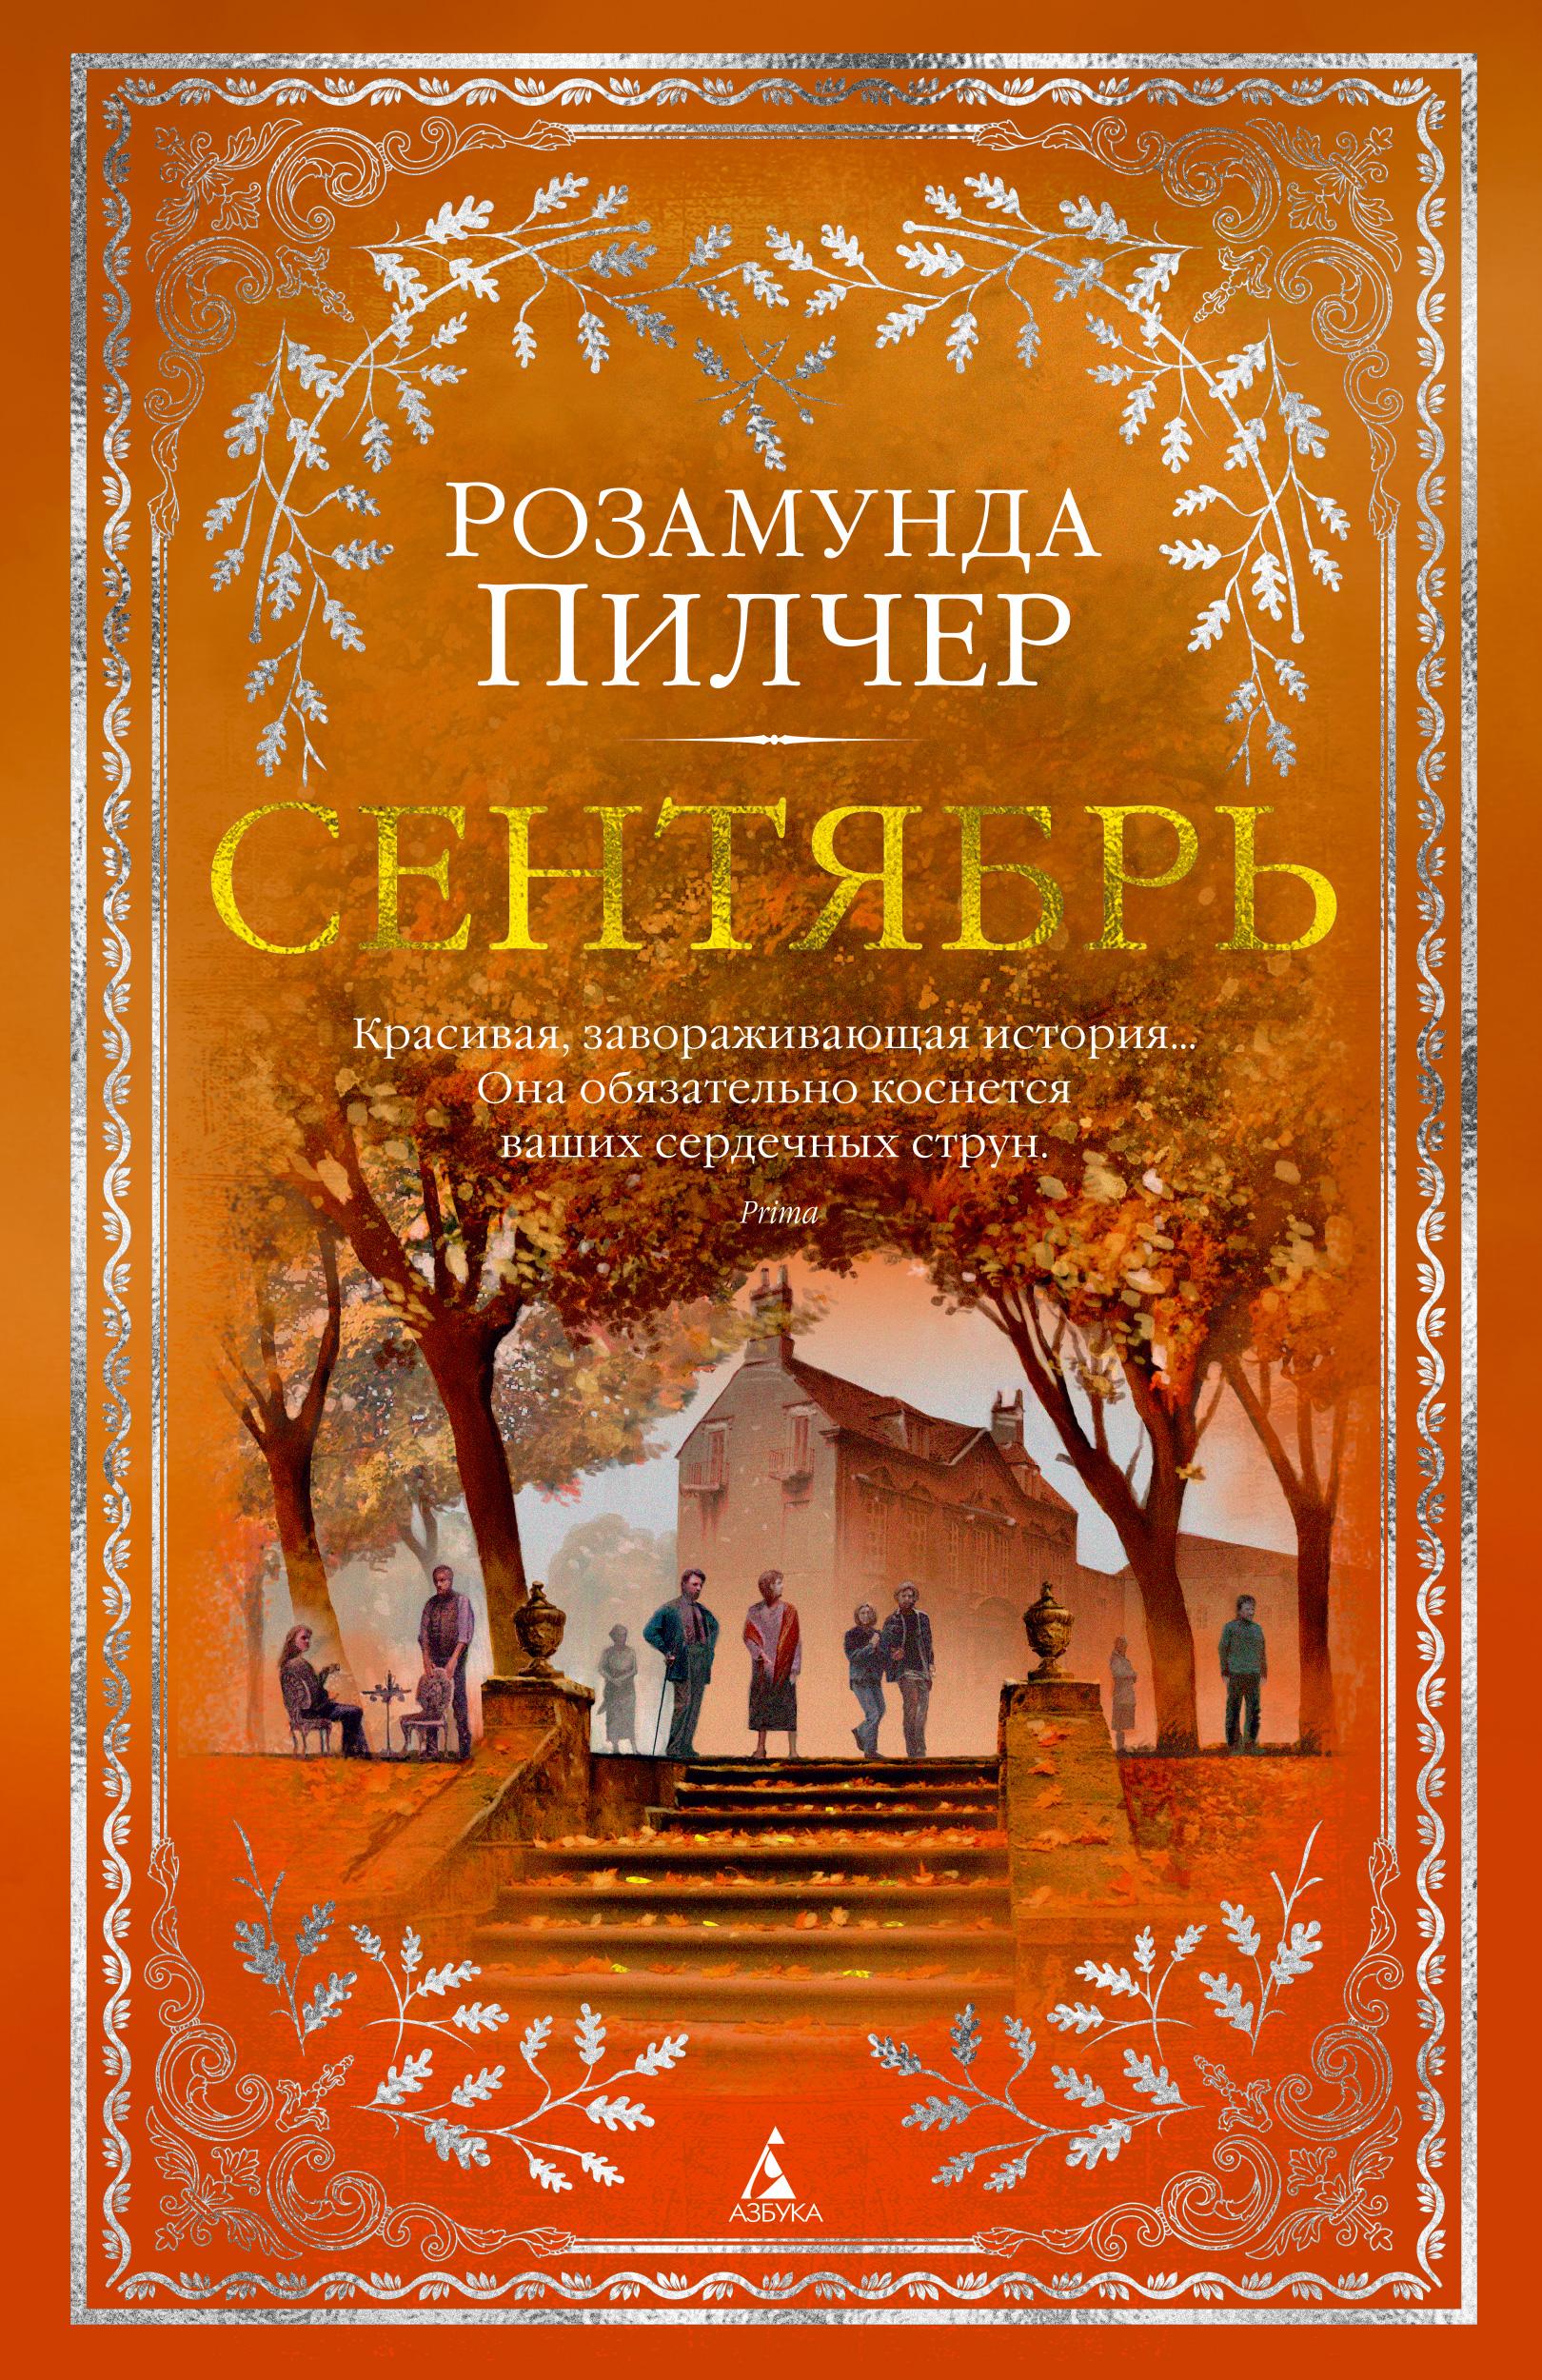 Сентябрь - Розамунда Пилчер